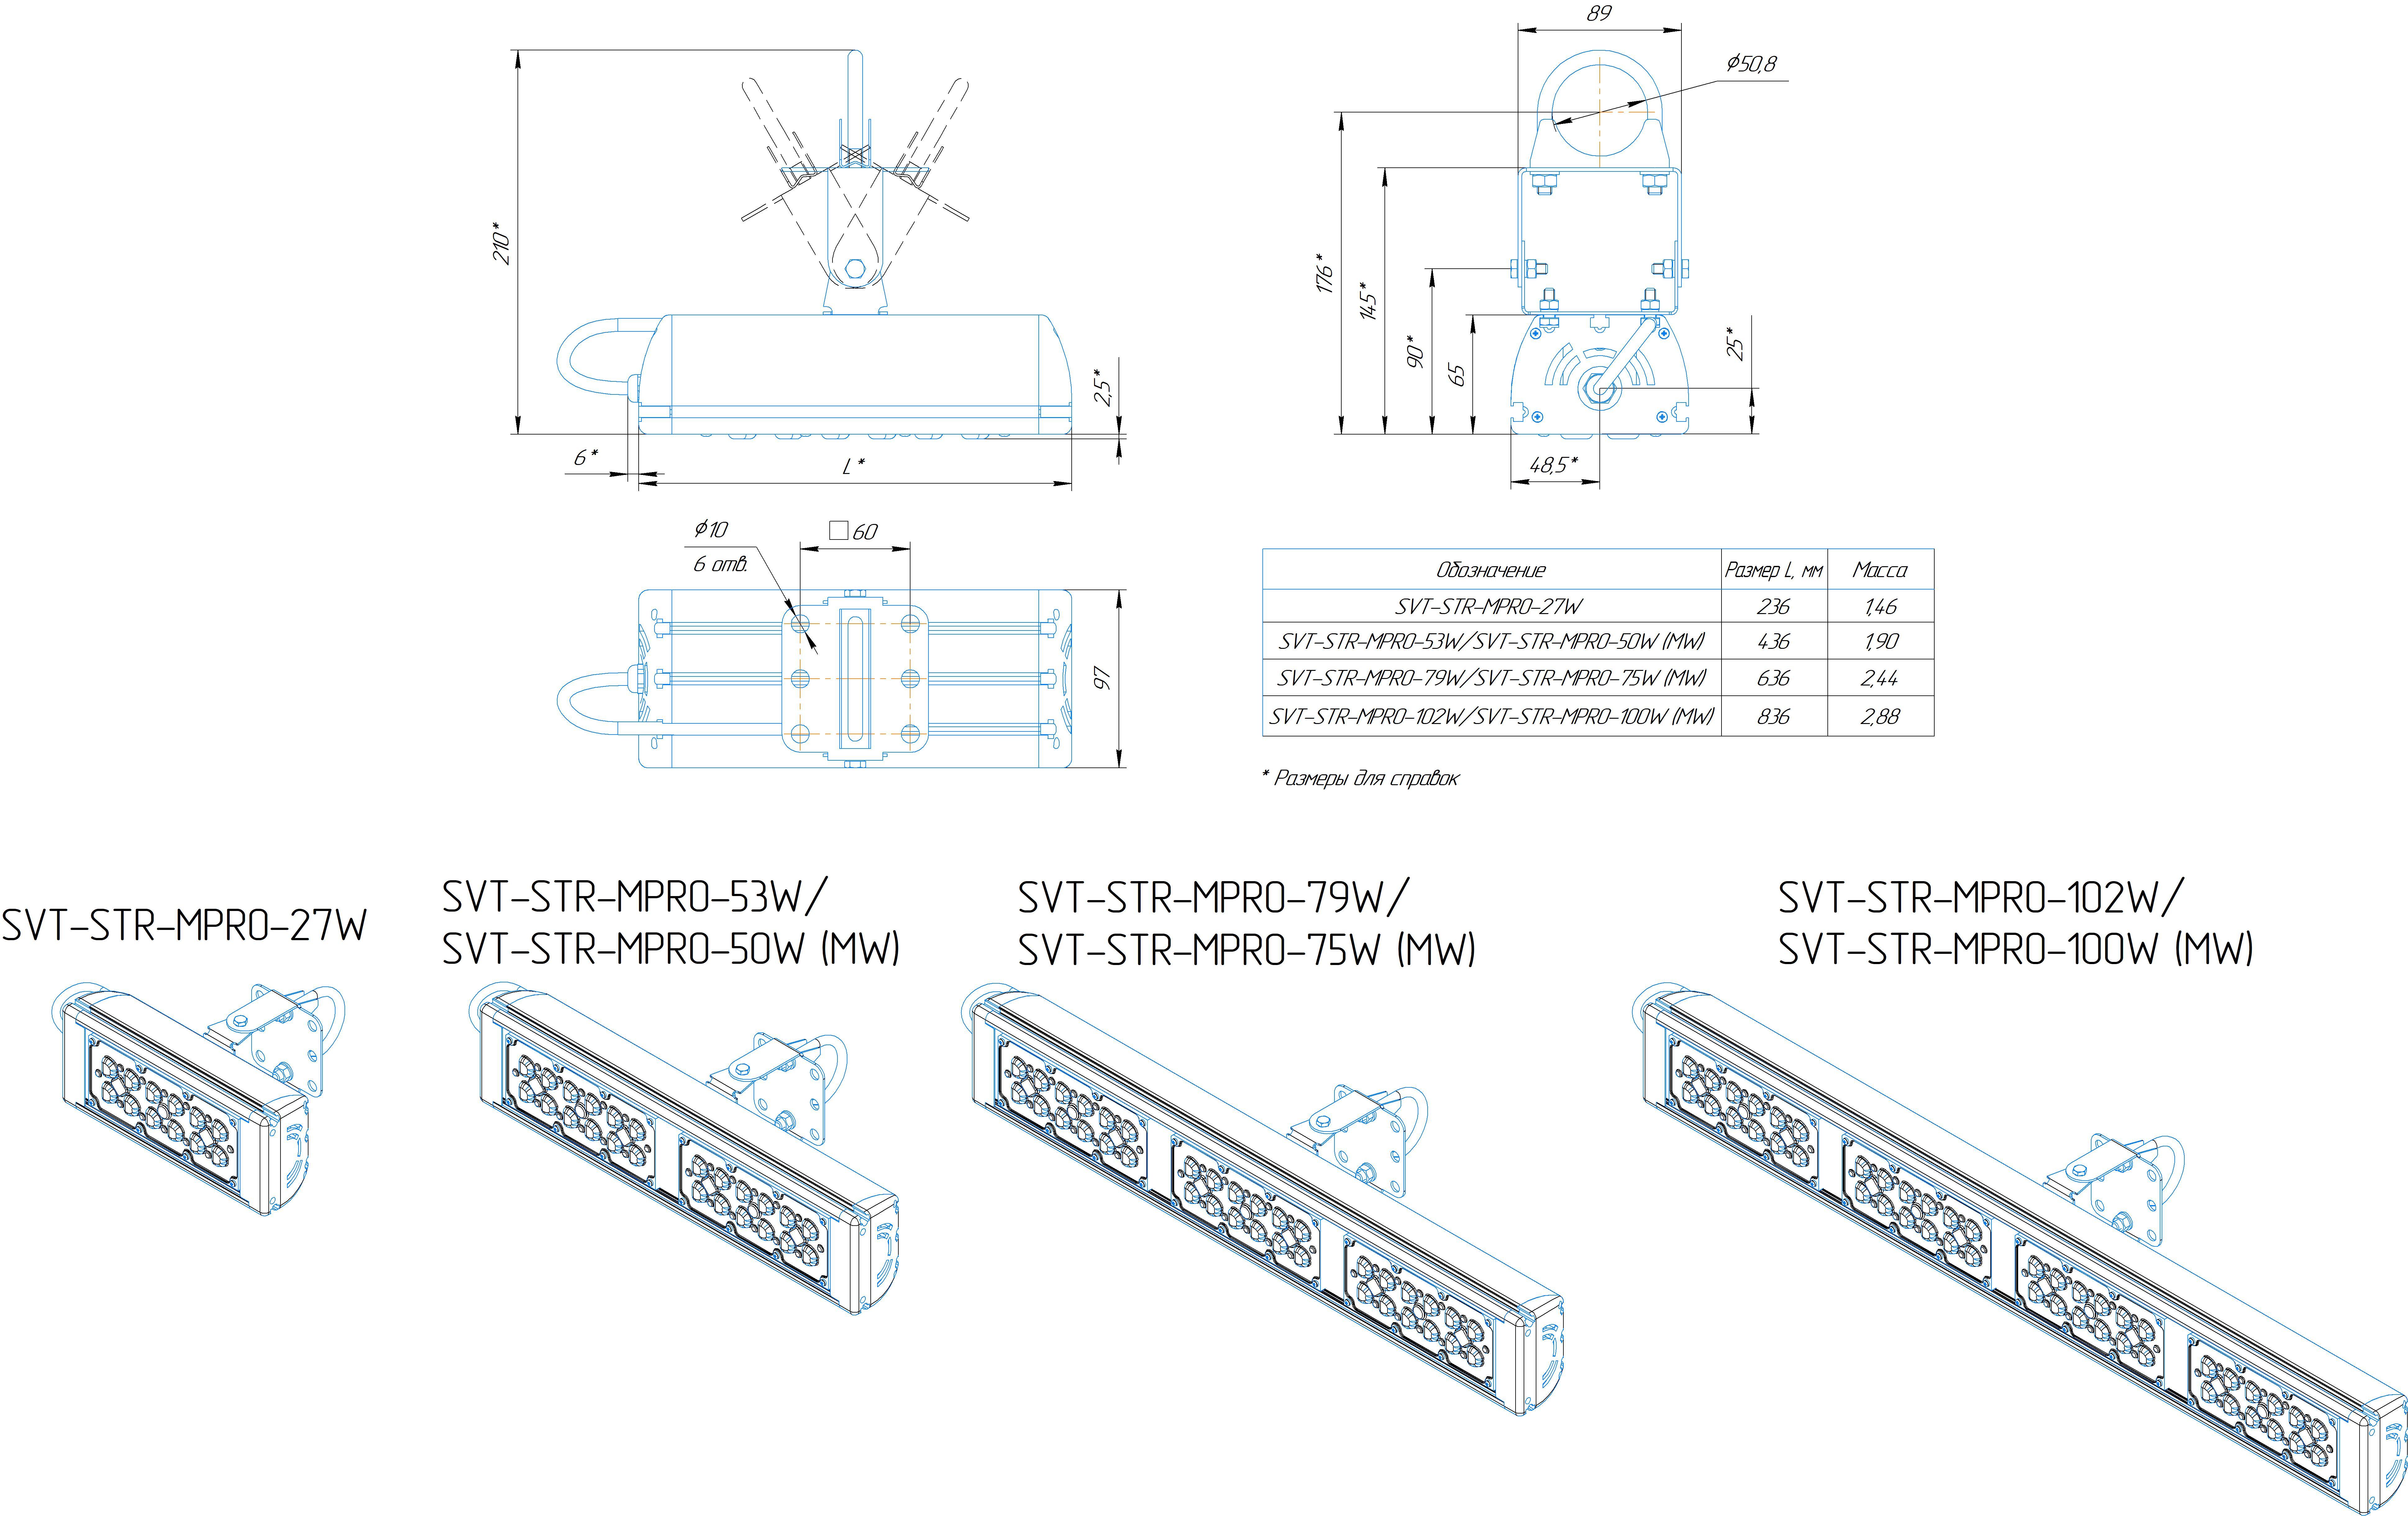 Промышленный светильник Модуль PRO SVT-STR-MPRO-102Вт-20